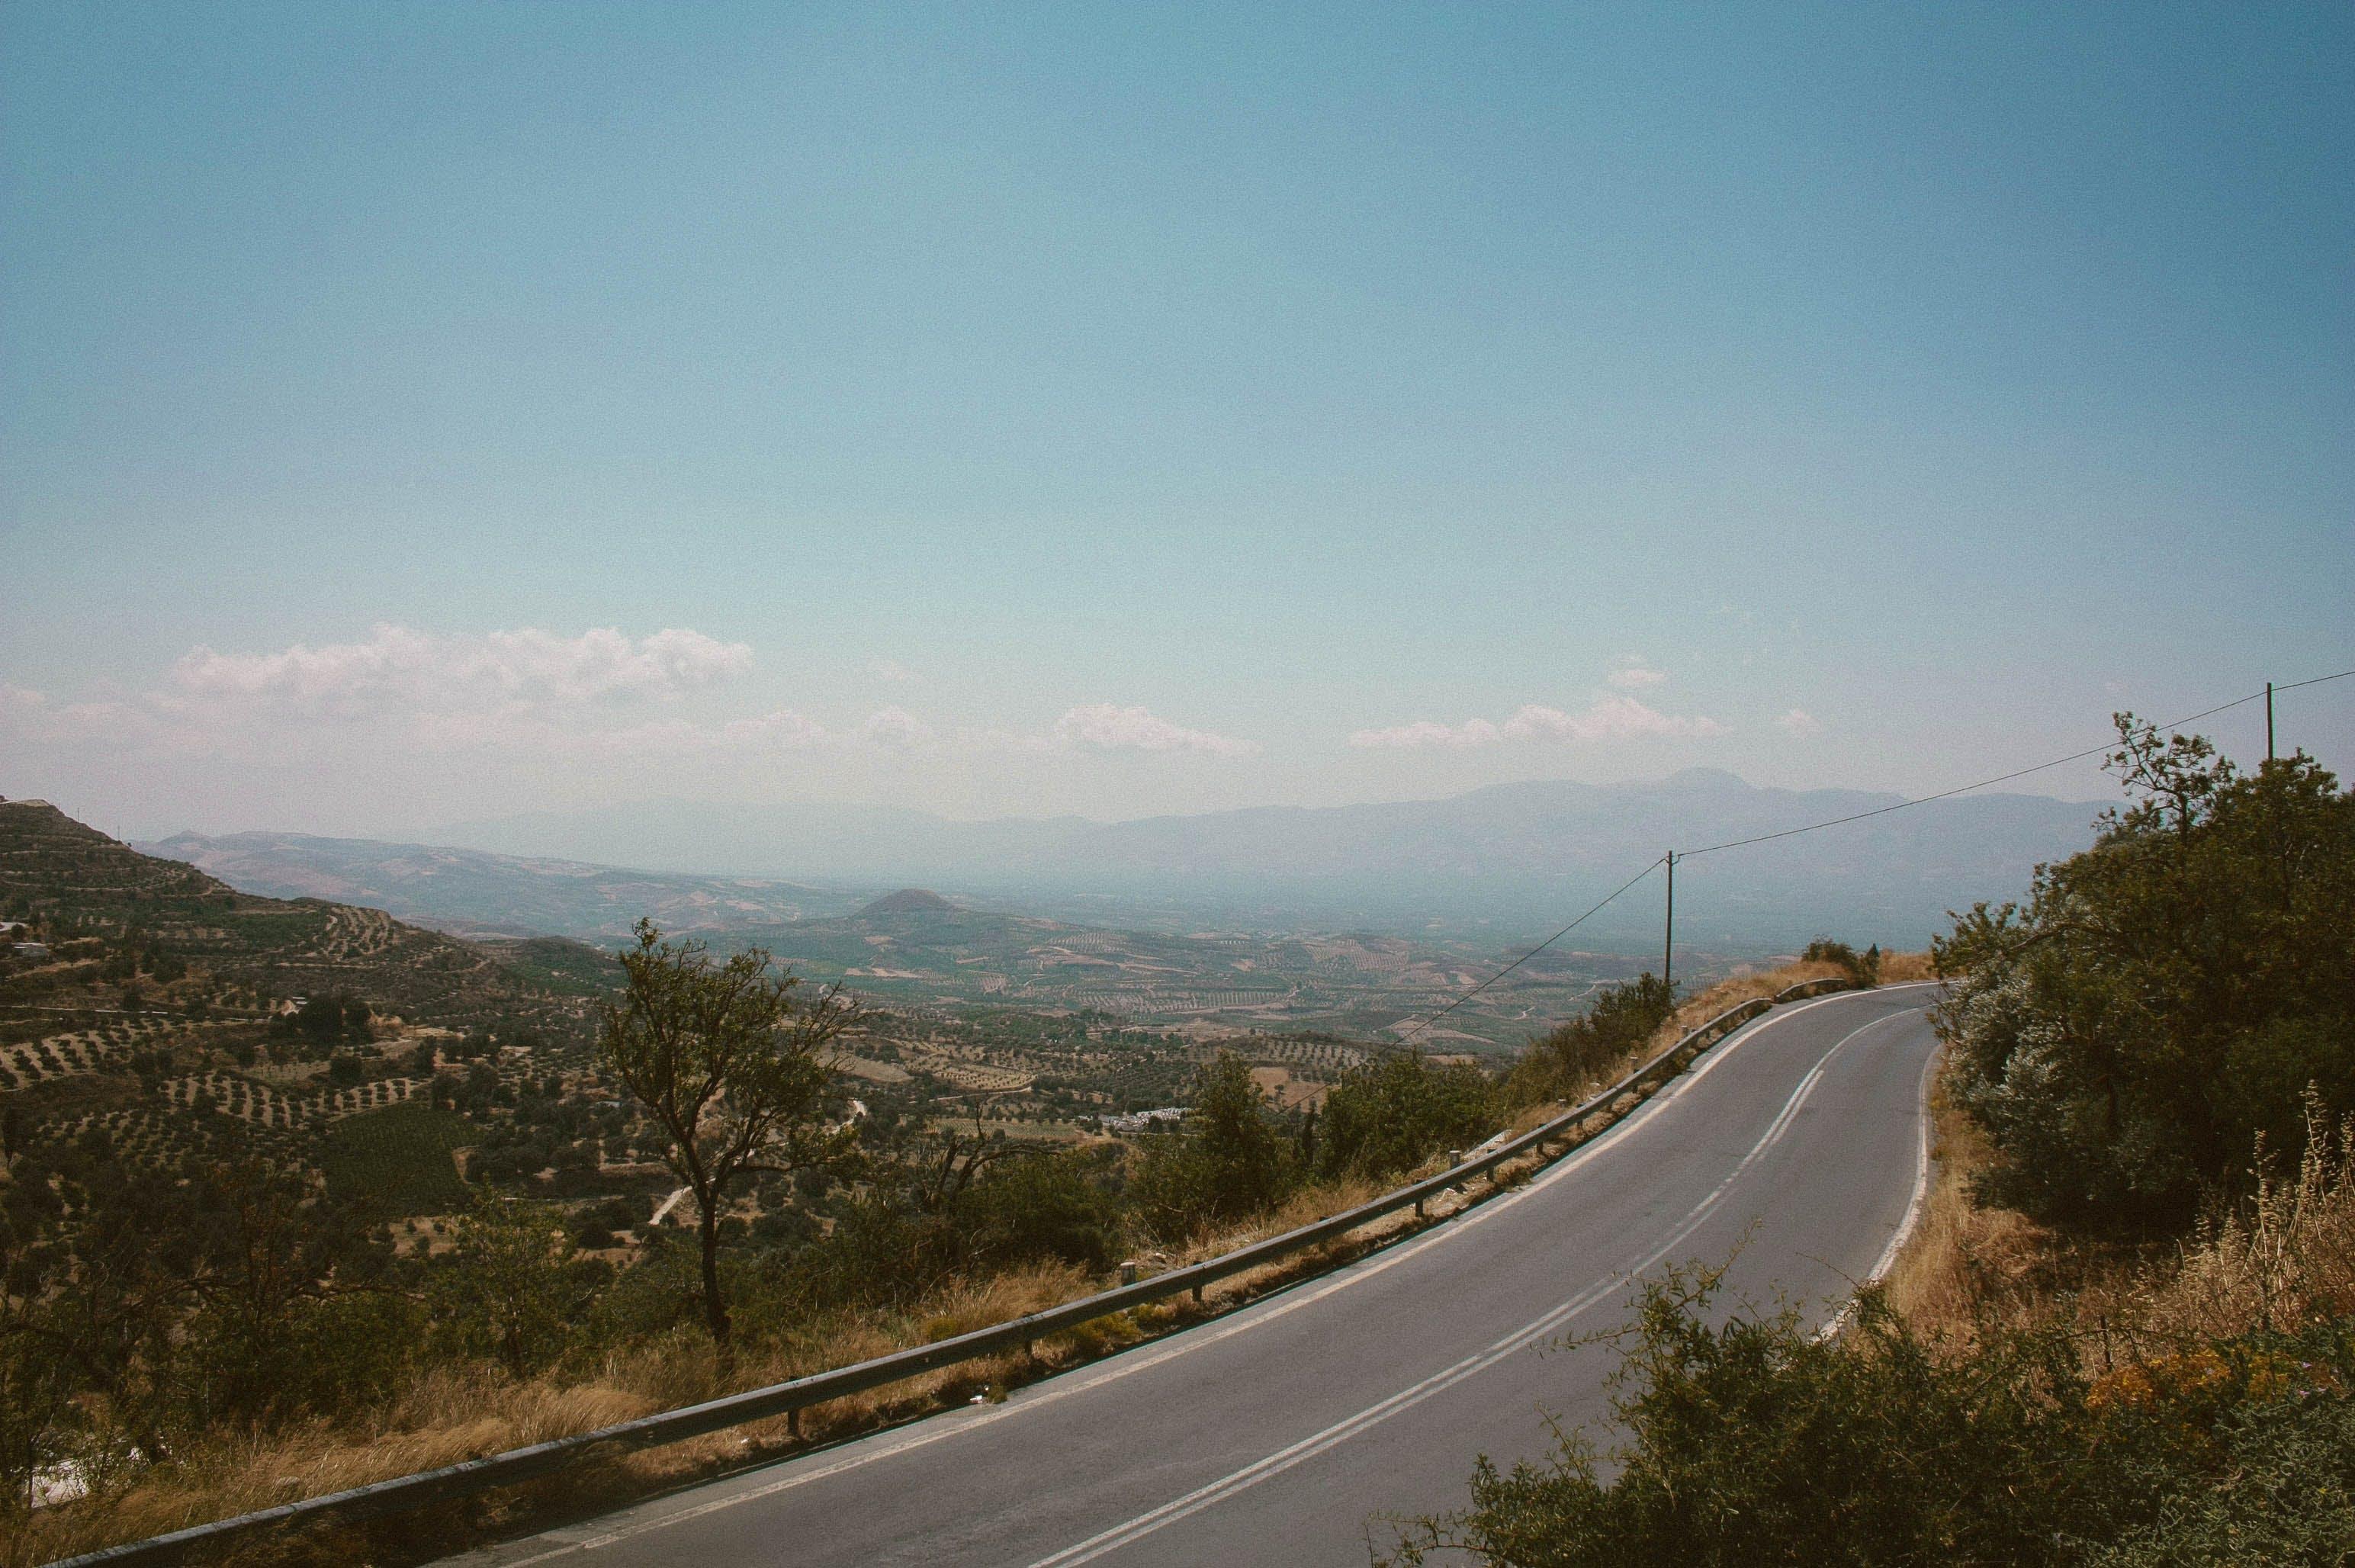 Road Between Grass Under Blue Skies